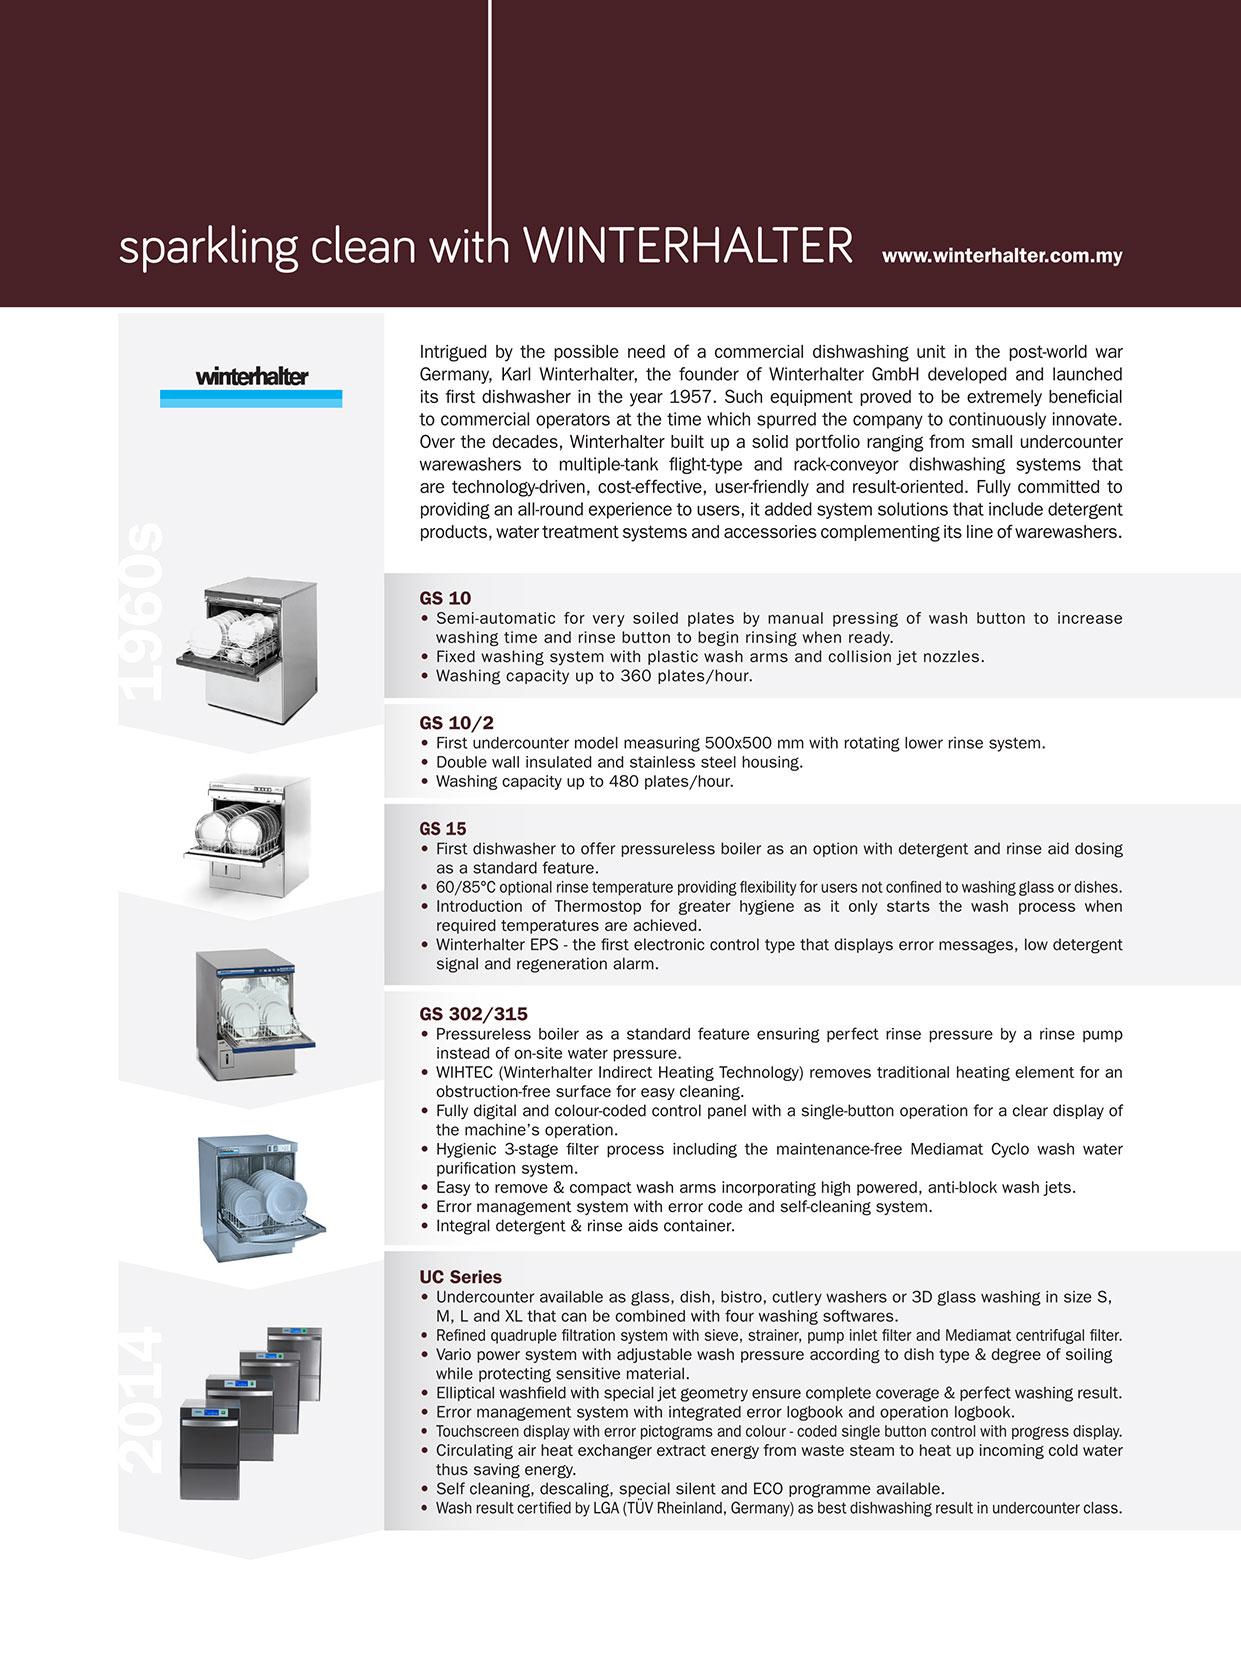 FP&S_Winterhalter